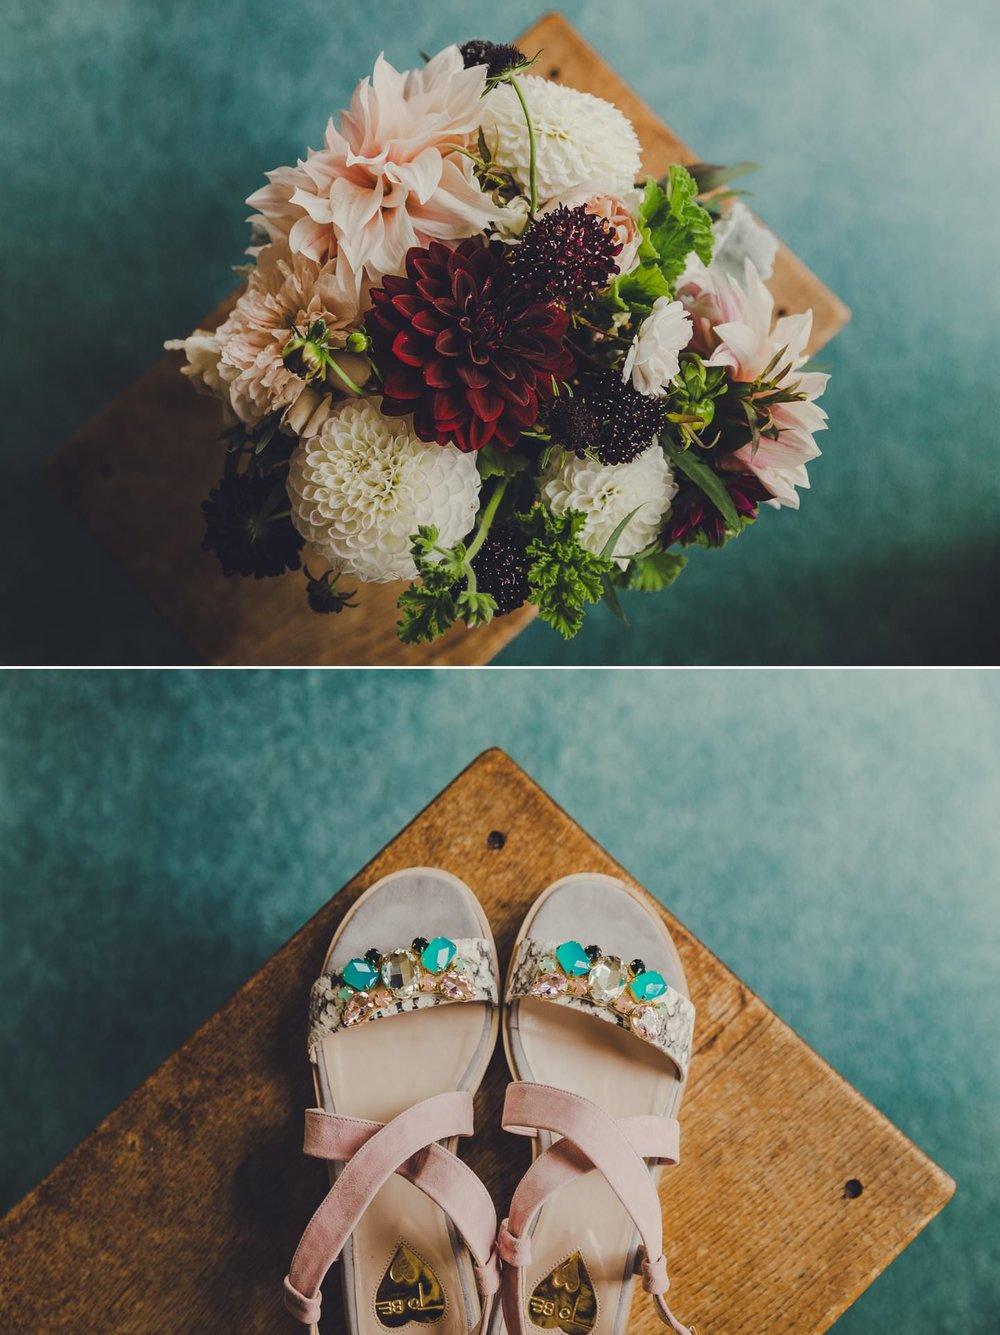 Brides details. Bridal bouquet by Twig and Arrow florist